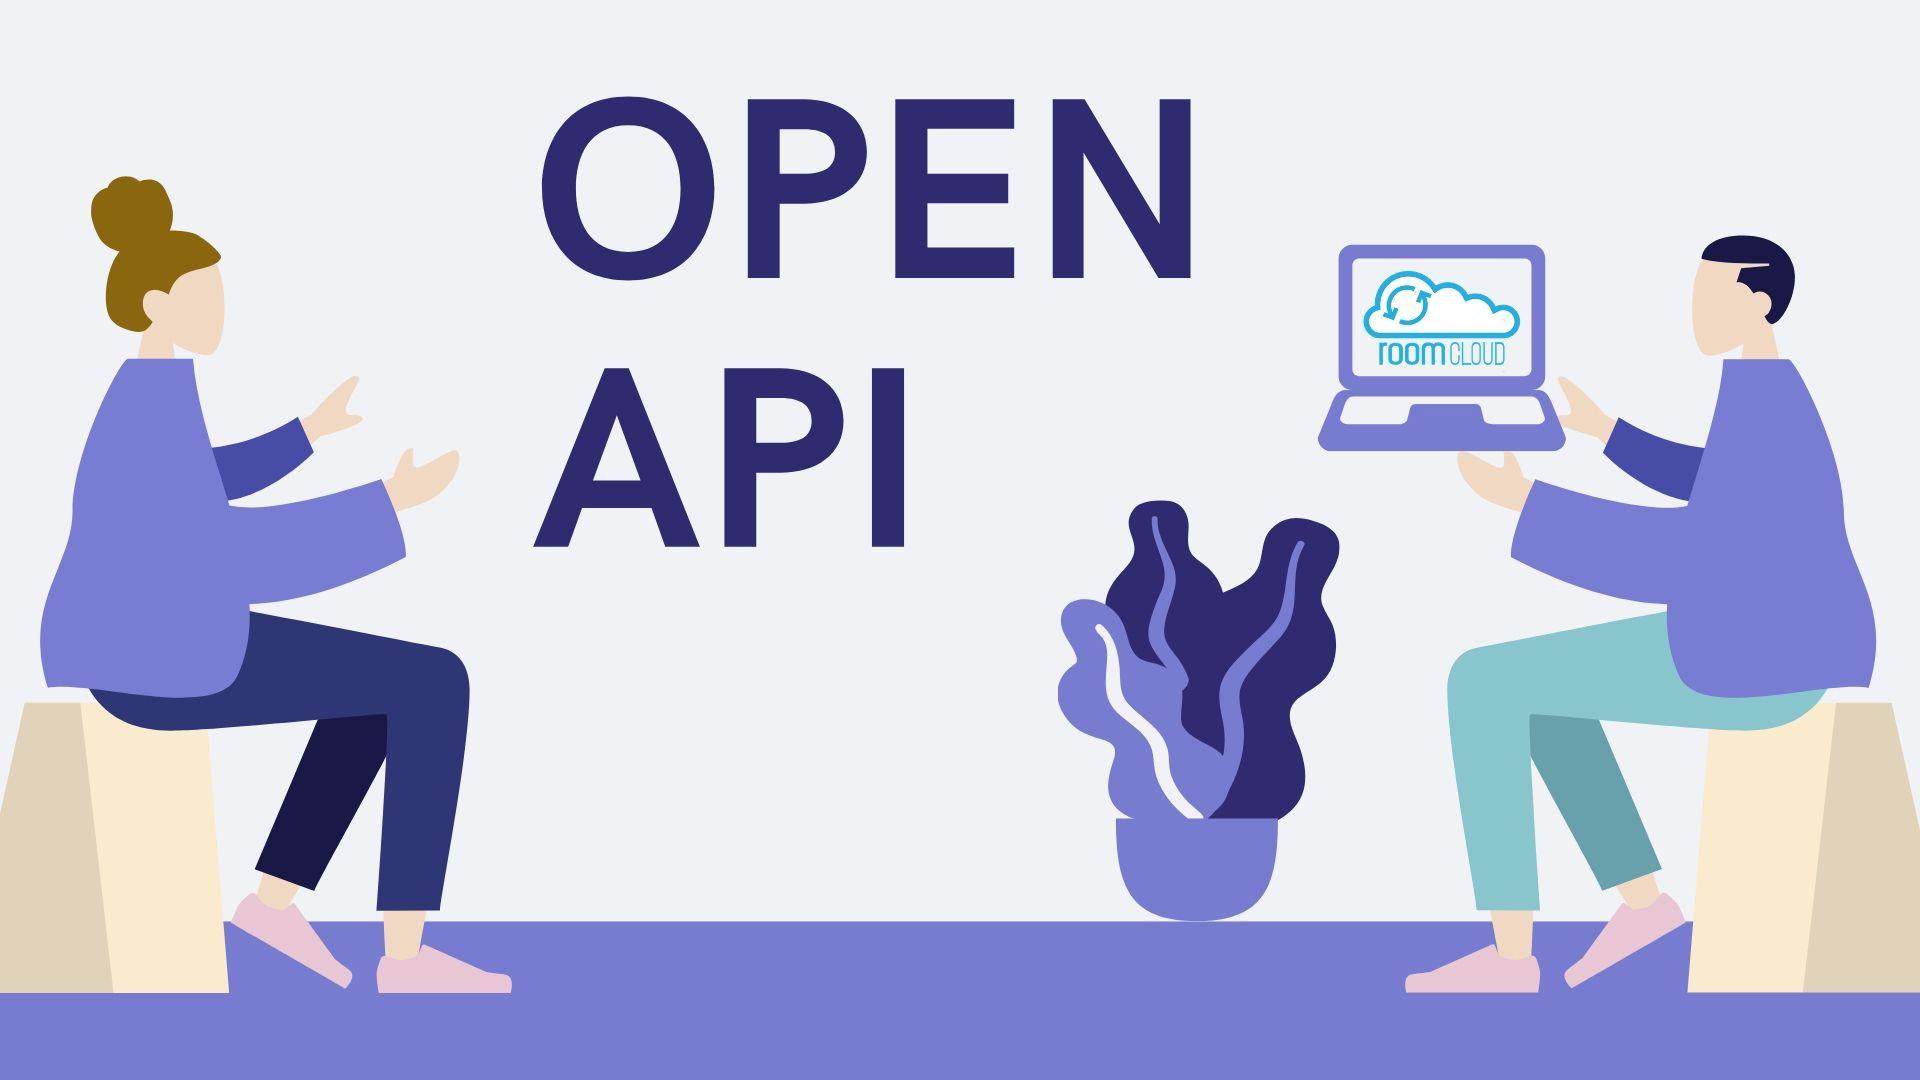 ¿Qué son las API abiertas y por qué son necesarias?